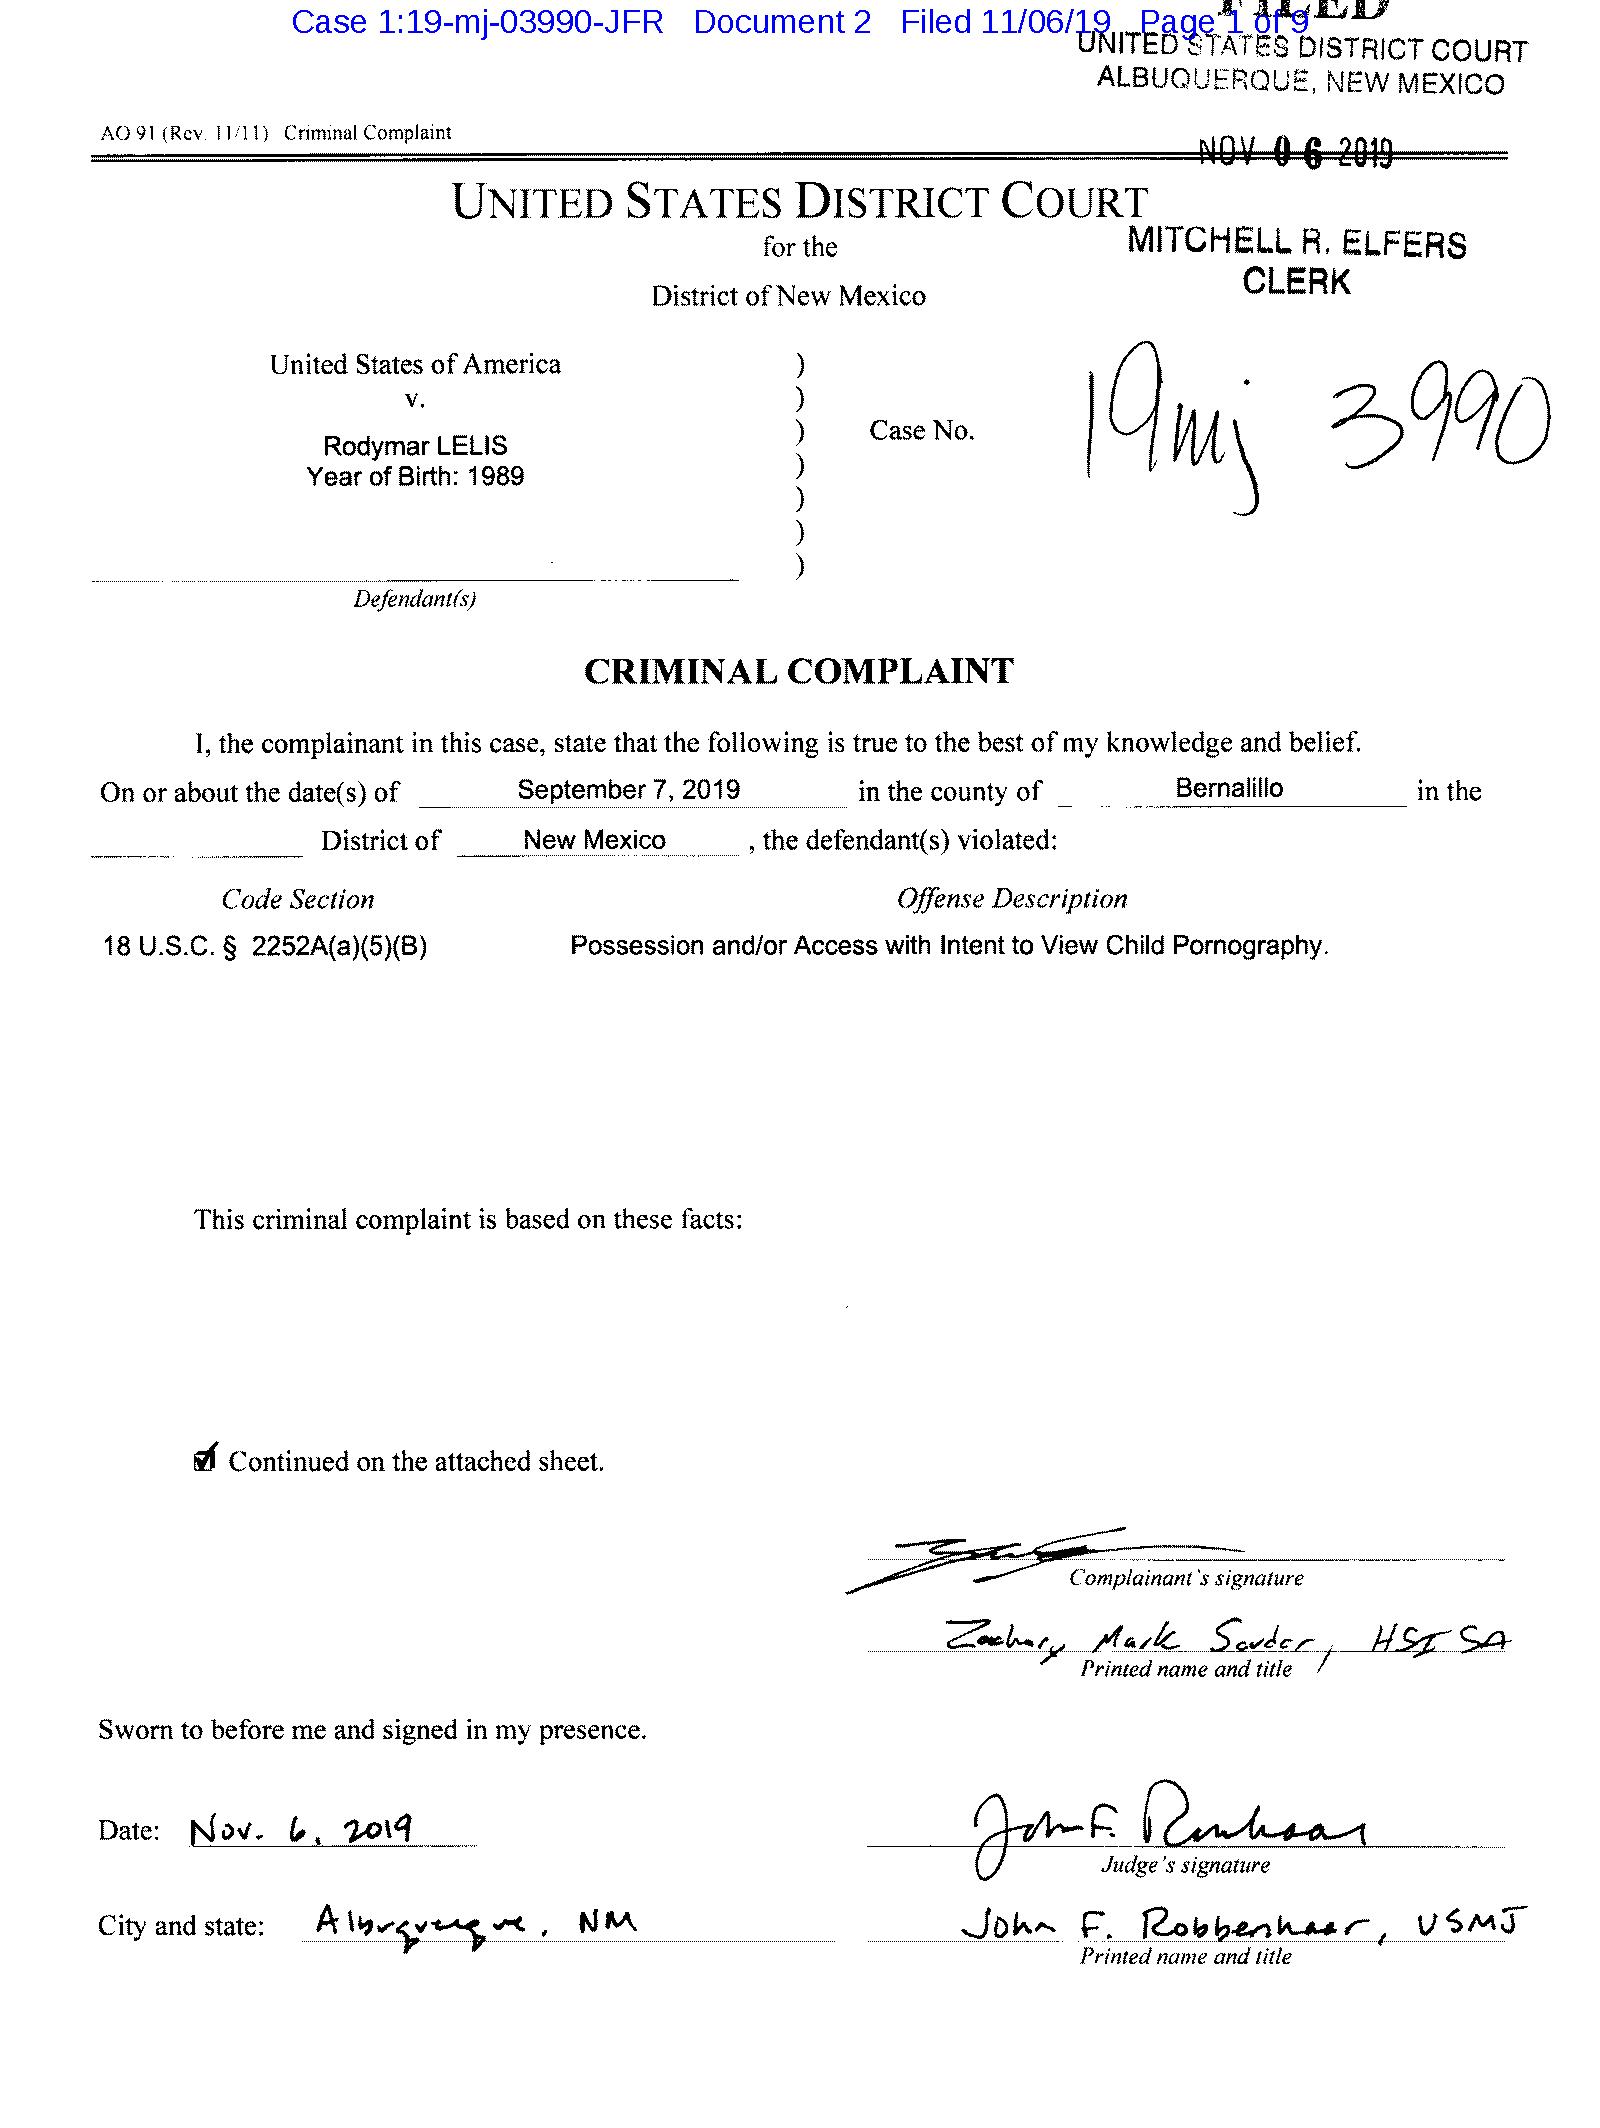 Copy of Complaint1.png